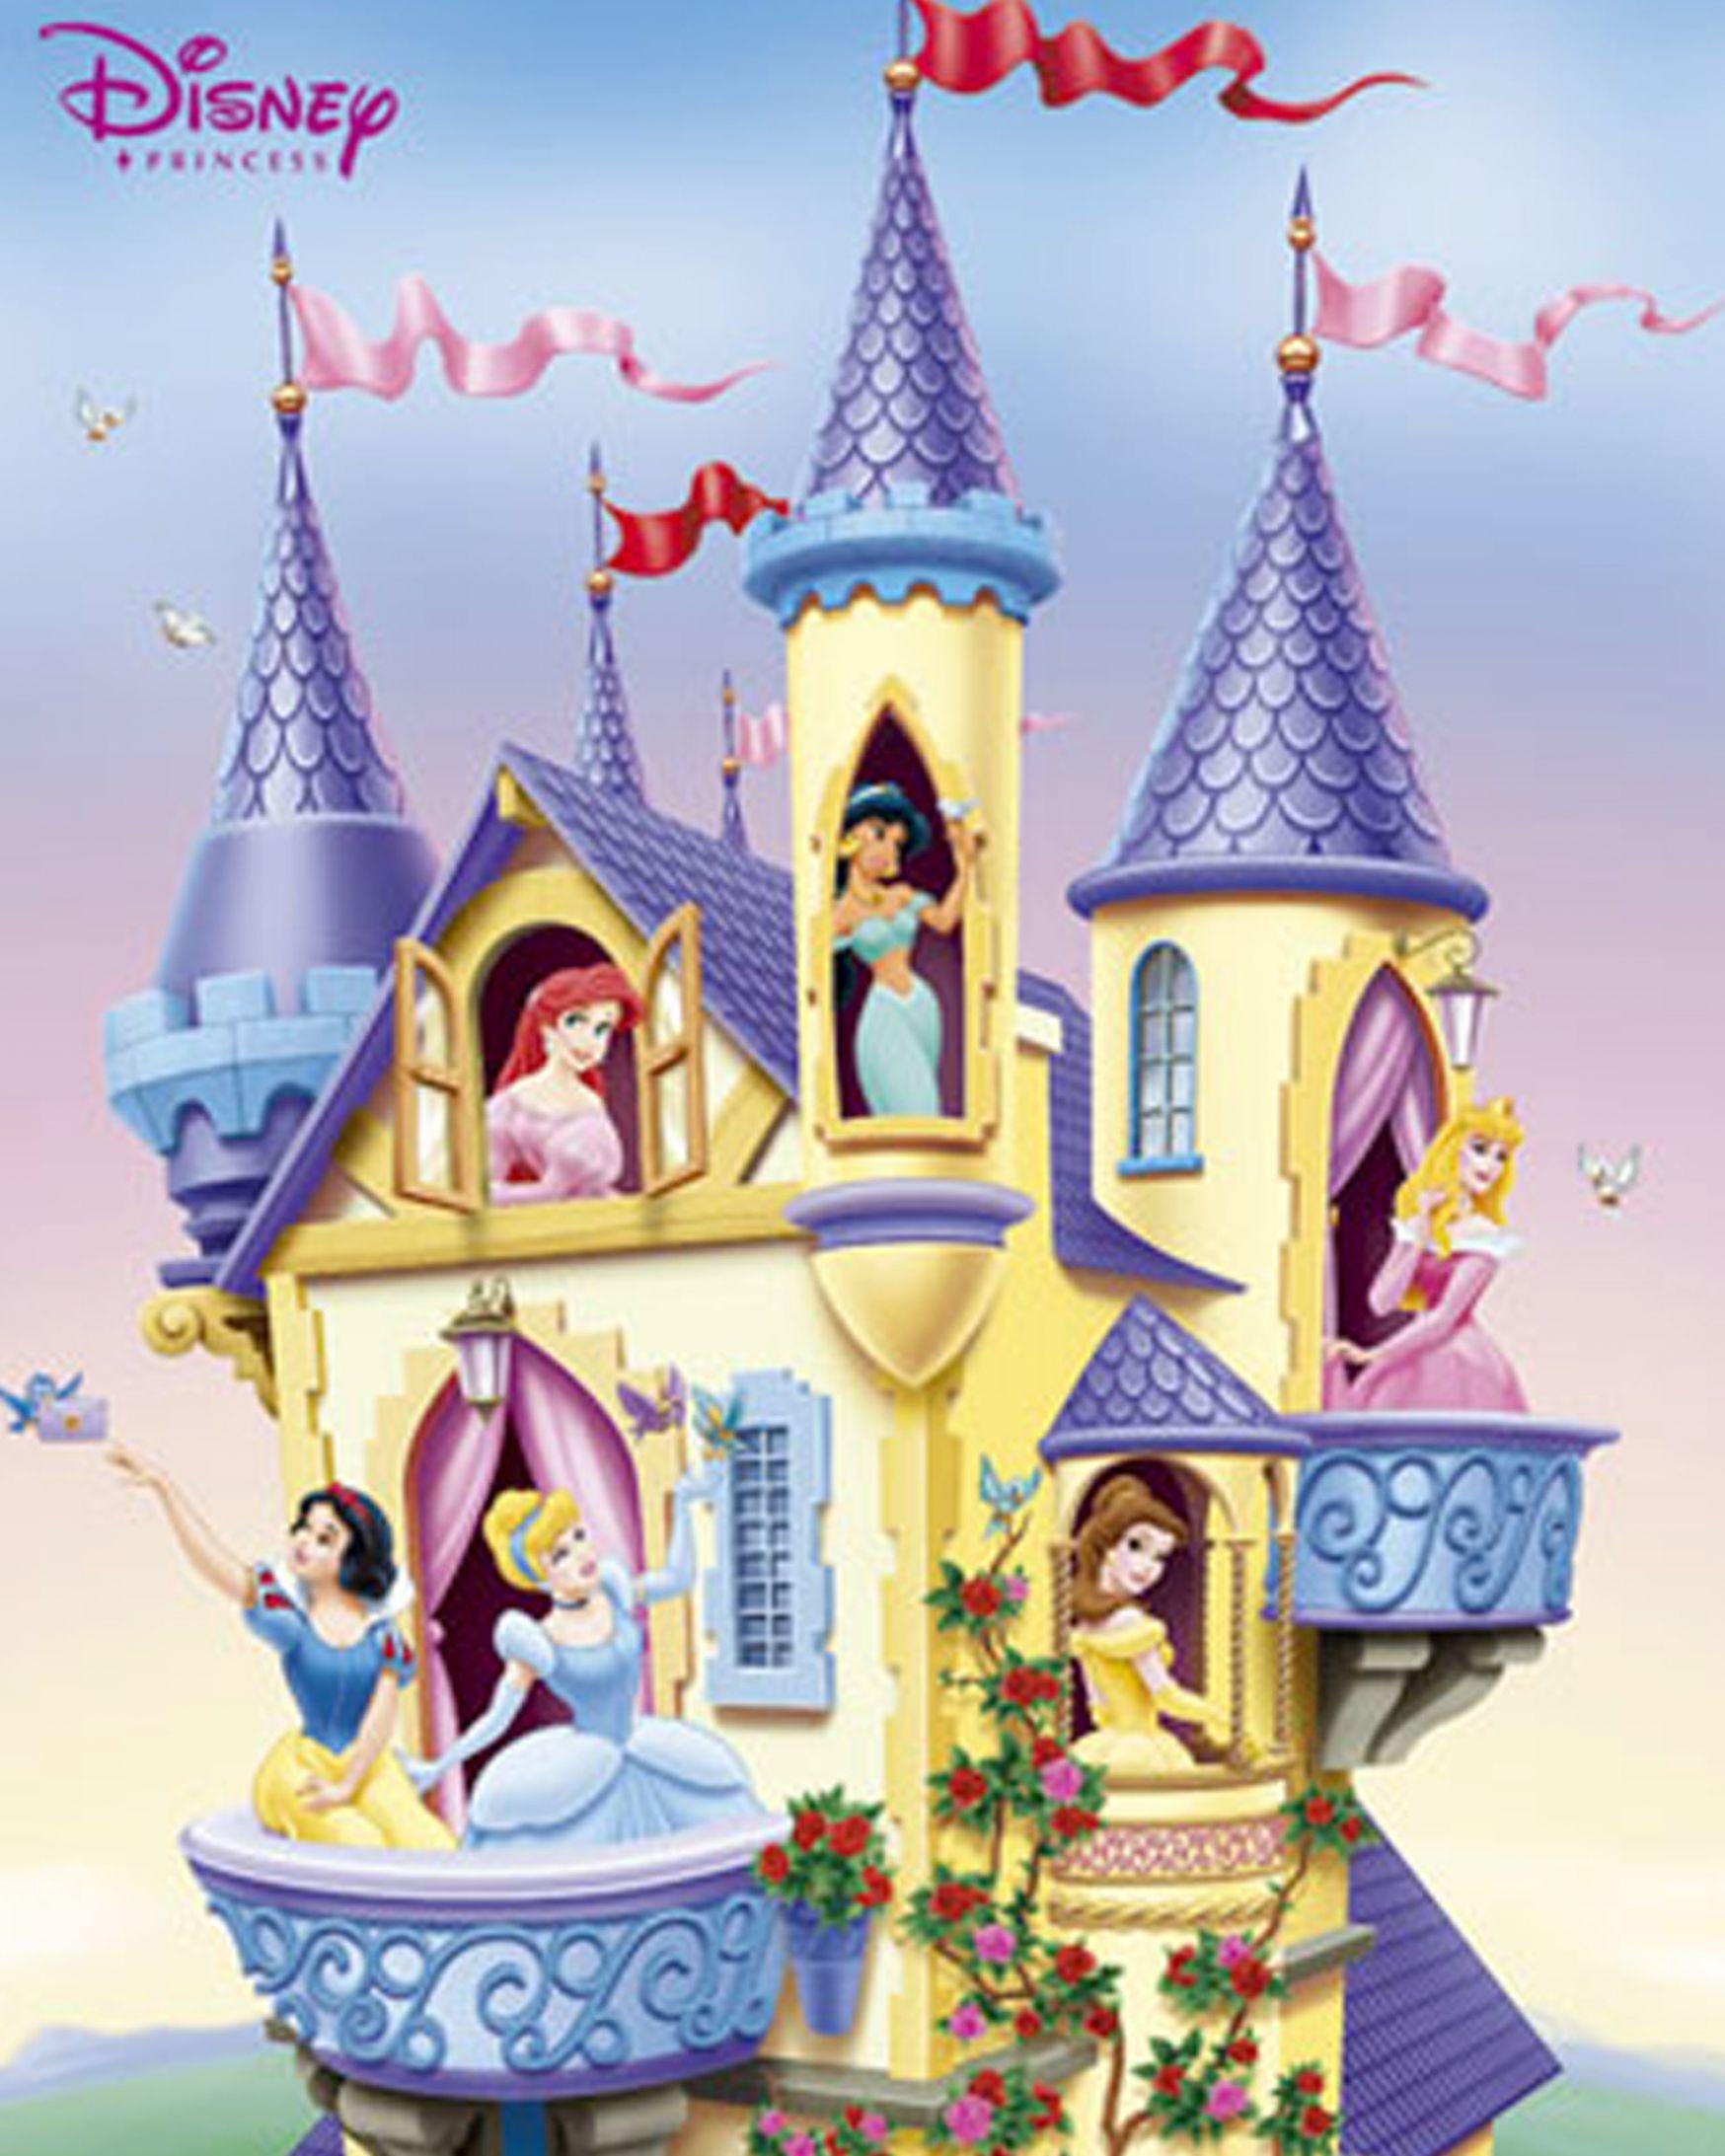 Disney princess castle wallpaper pictures 1 1748x2185